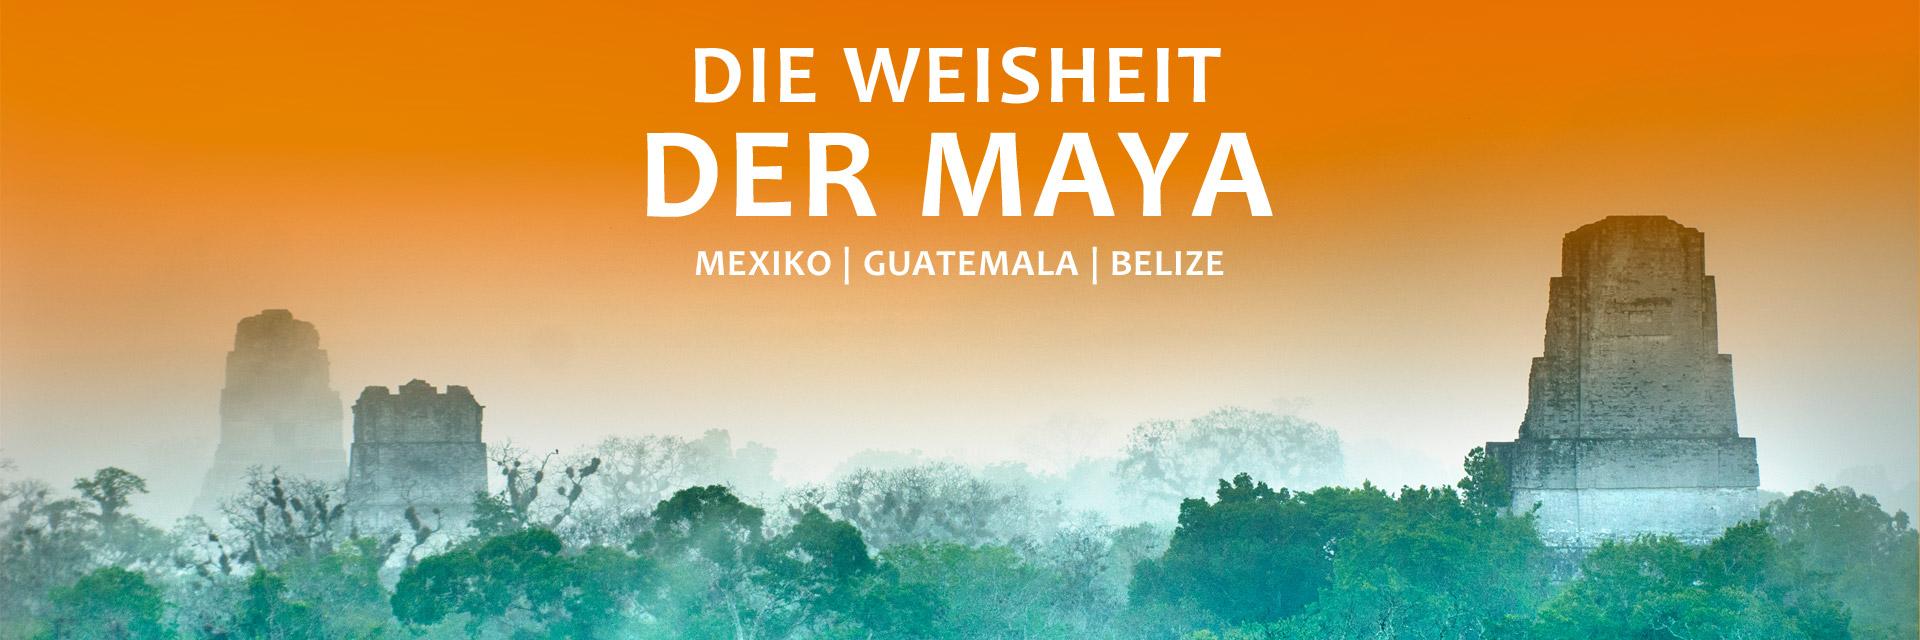 Die Weisheit der Maya – Reise in eine vergessene Welt: Mexiko | Guatemala | Belize